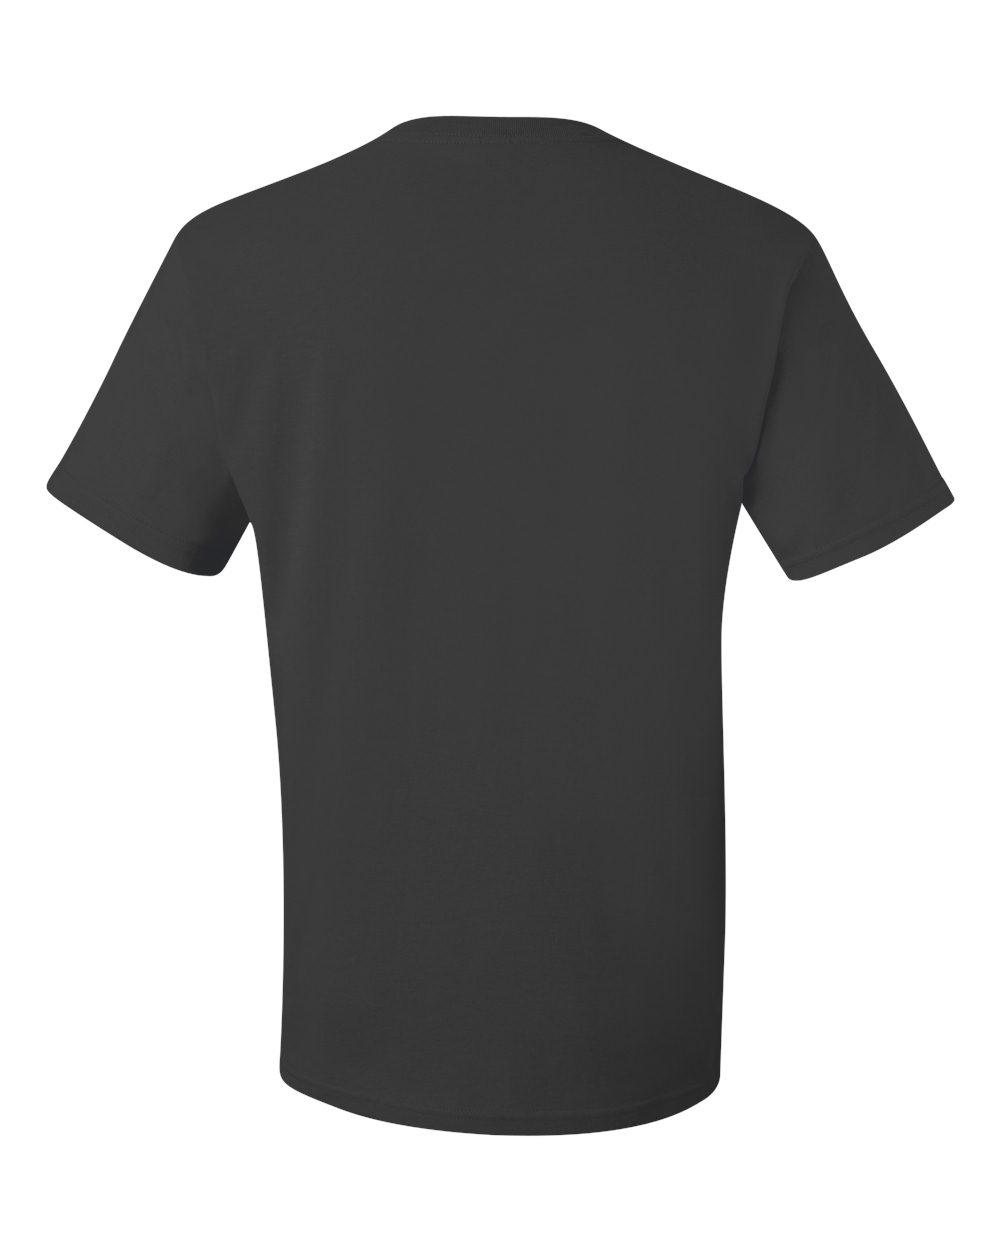 Jerzees-Men-039-s-5-6-oz-50-50-Heavyweight-Blend-T-Shirt-29M-S-4XL thumbnail 46